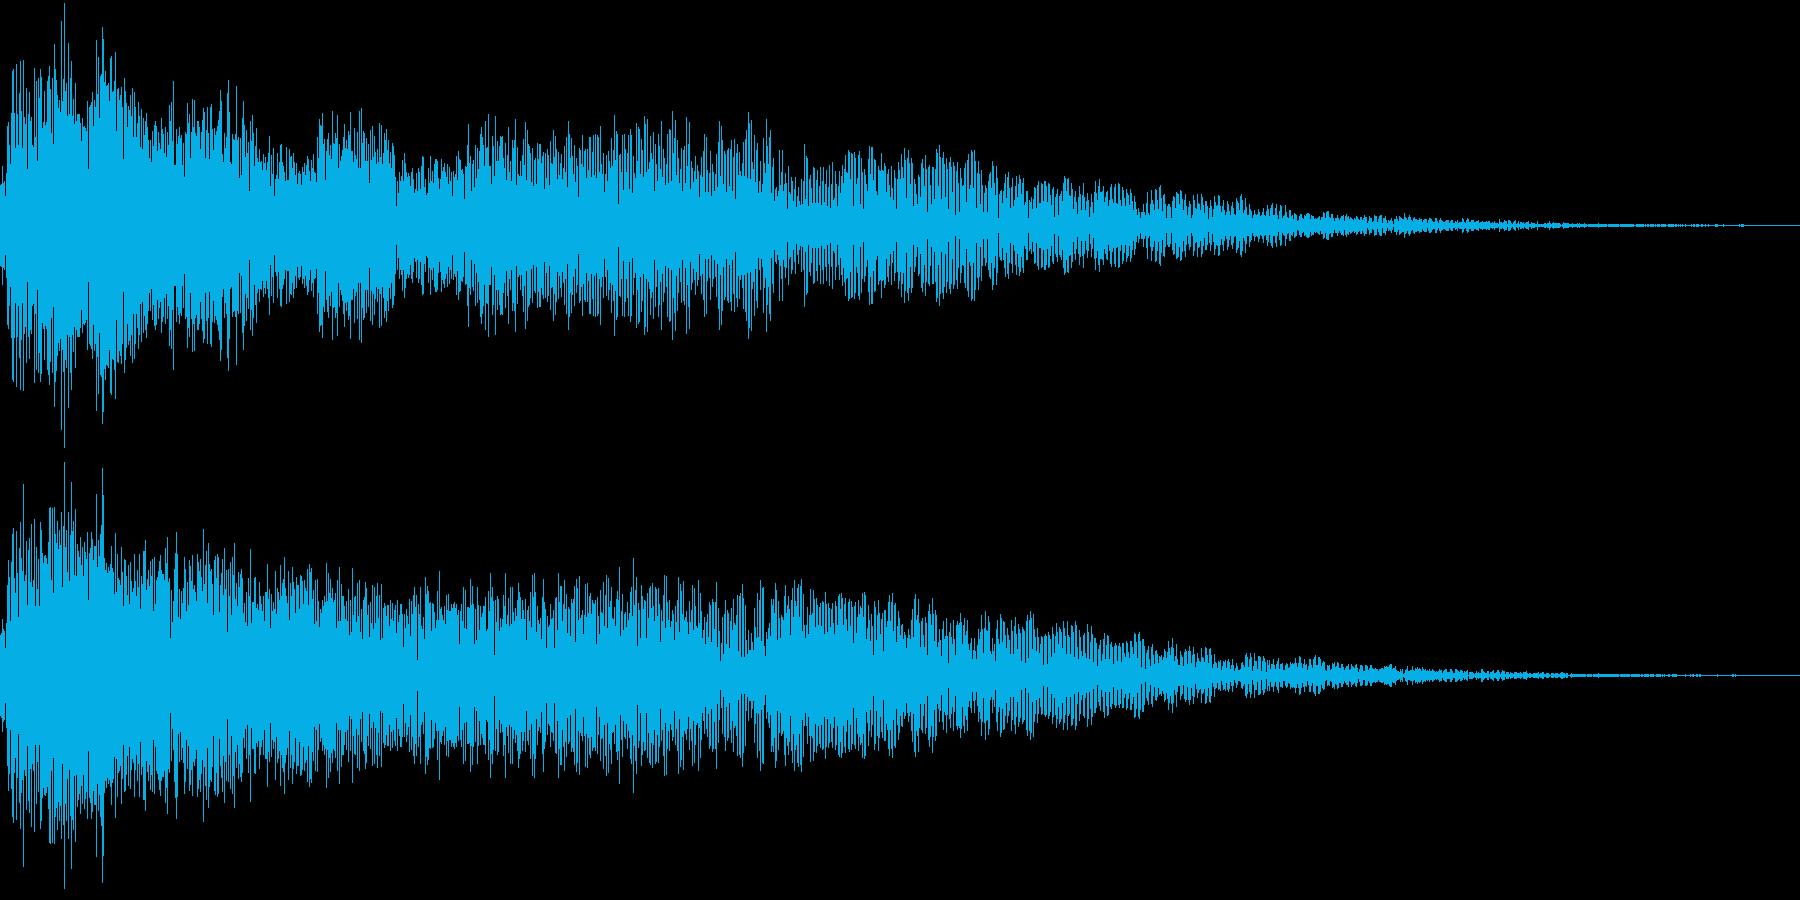 InvaderBuzz 発砲音 5の再生済みの波形